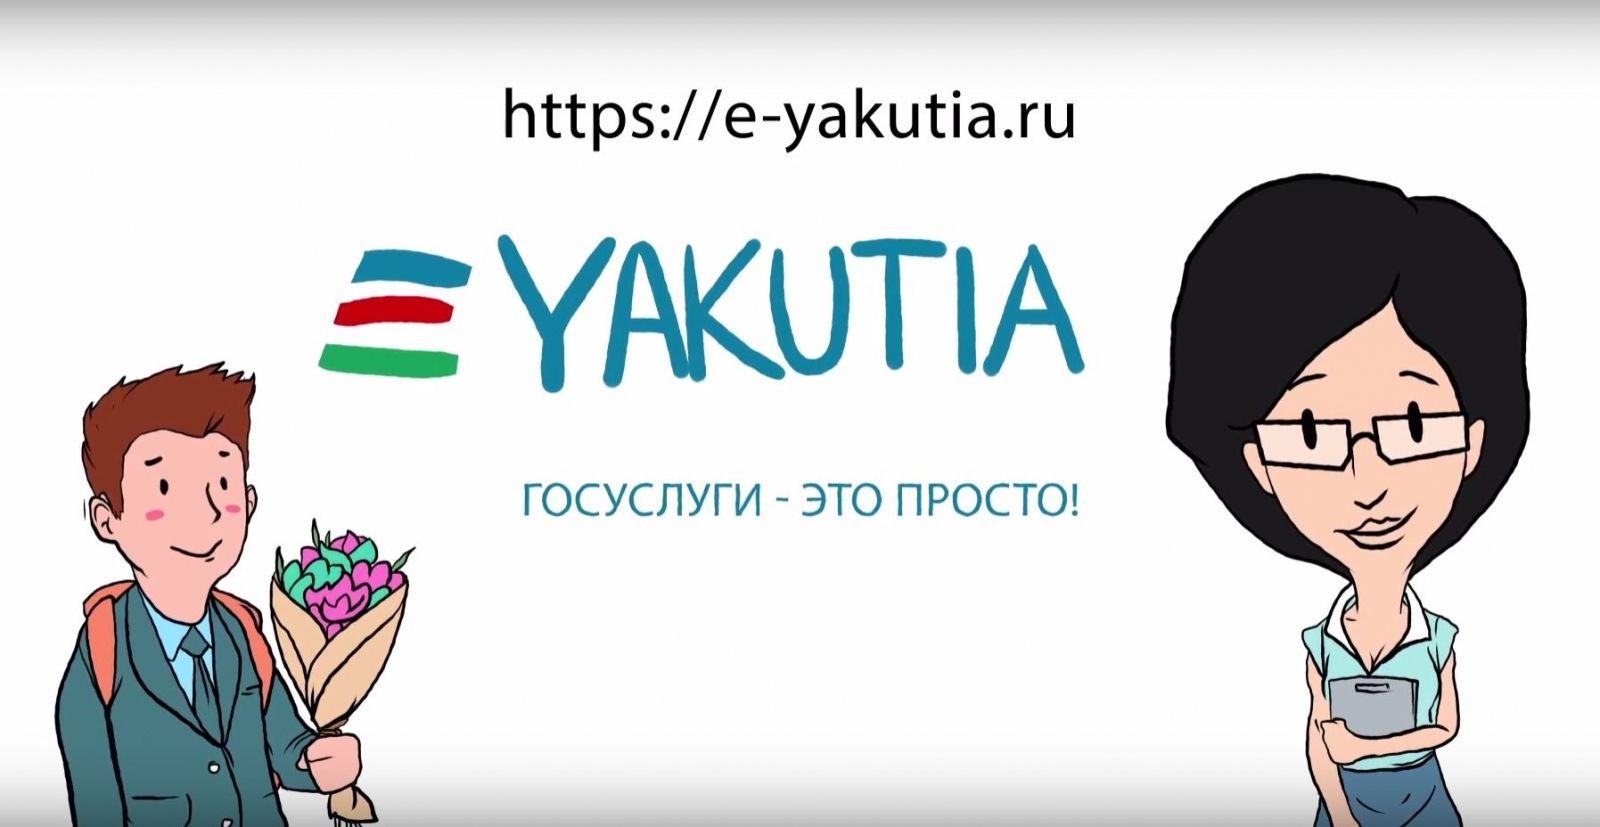 Мининноваций Якутии: победитель аукциона на 2 млн будет рекламировать e-yakutia.ru.